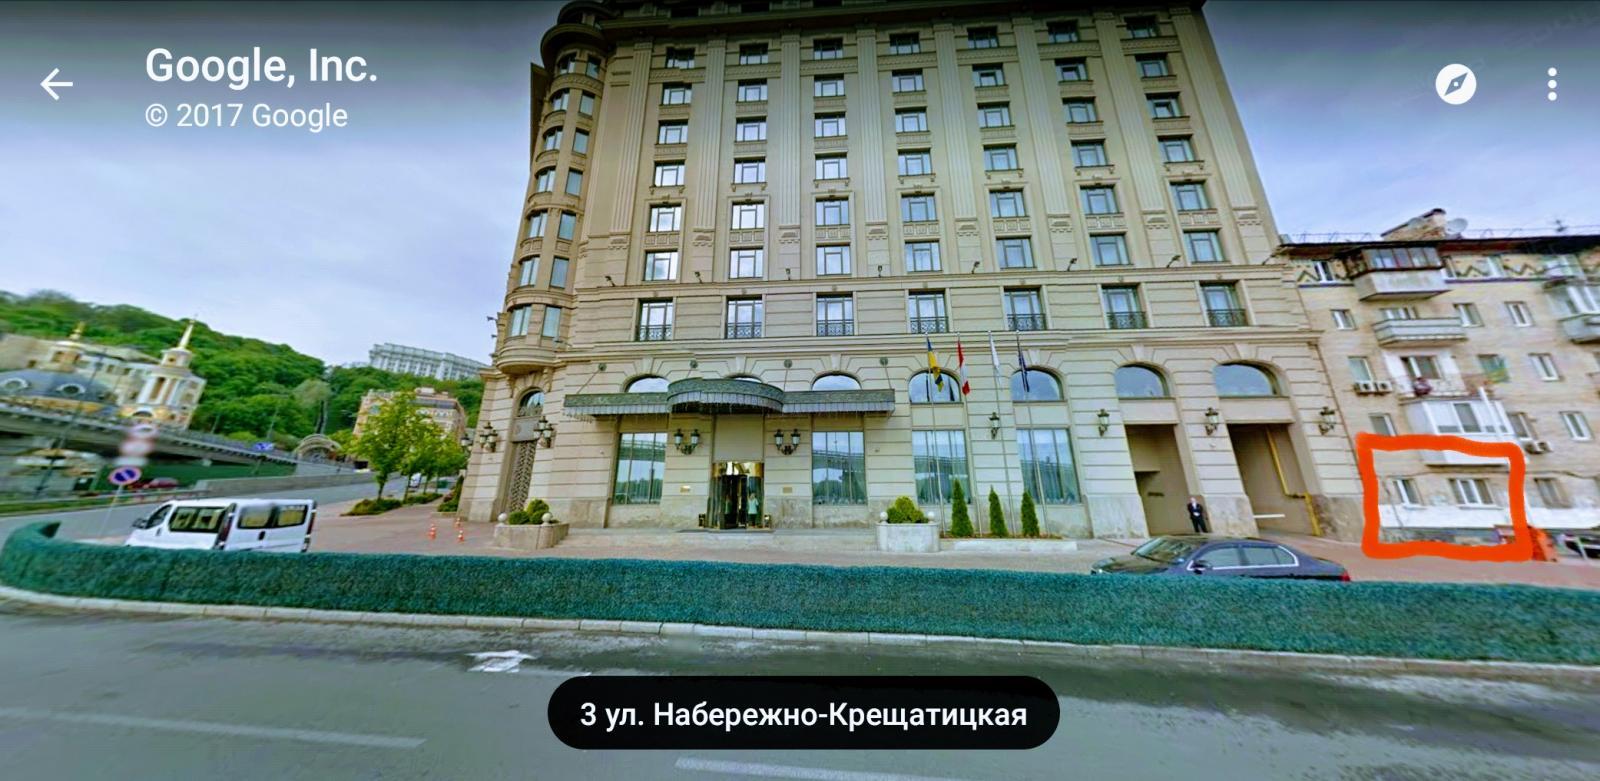 Продам офисное помещение Киев, Набережно-Крещатицкая ул.